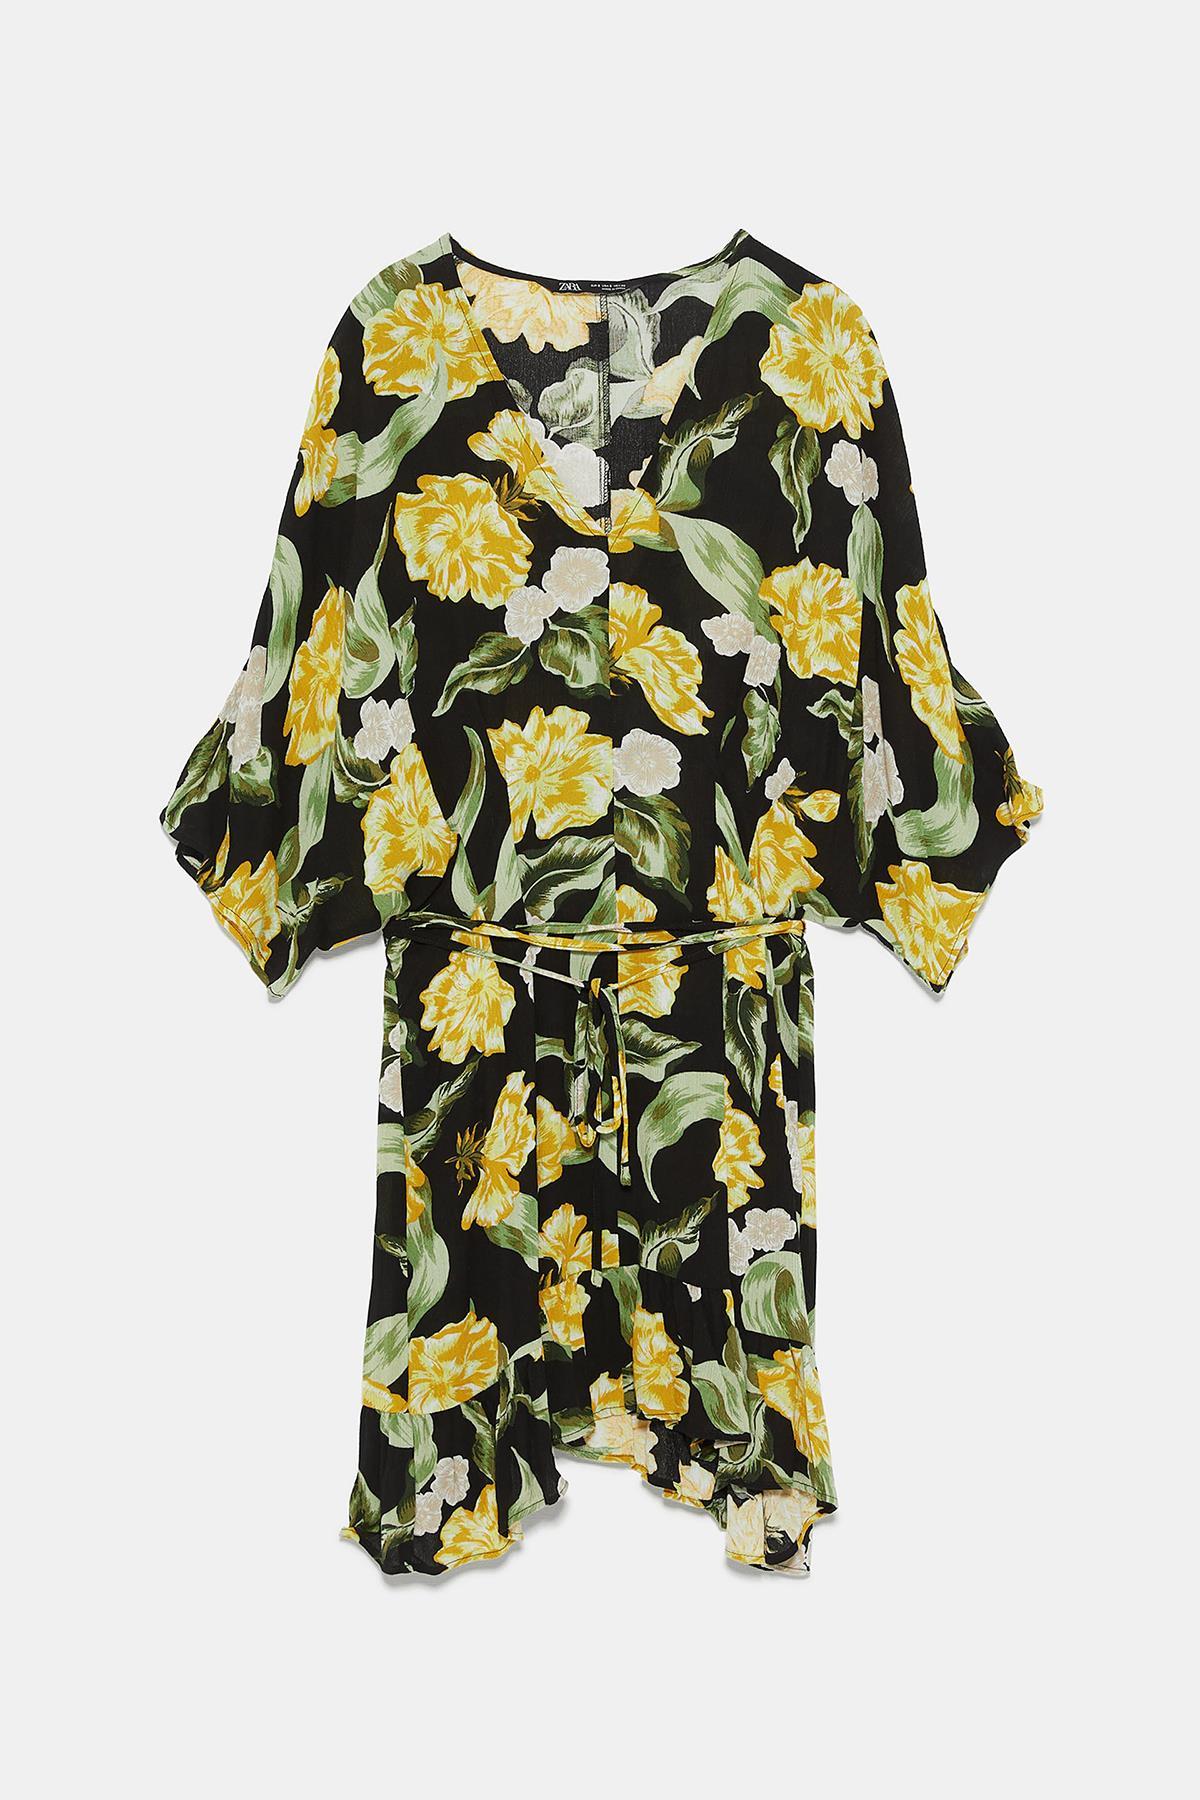 Vestidos Zara Colección Primavera 2019 Selección De Los Más Bonitos